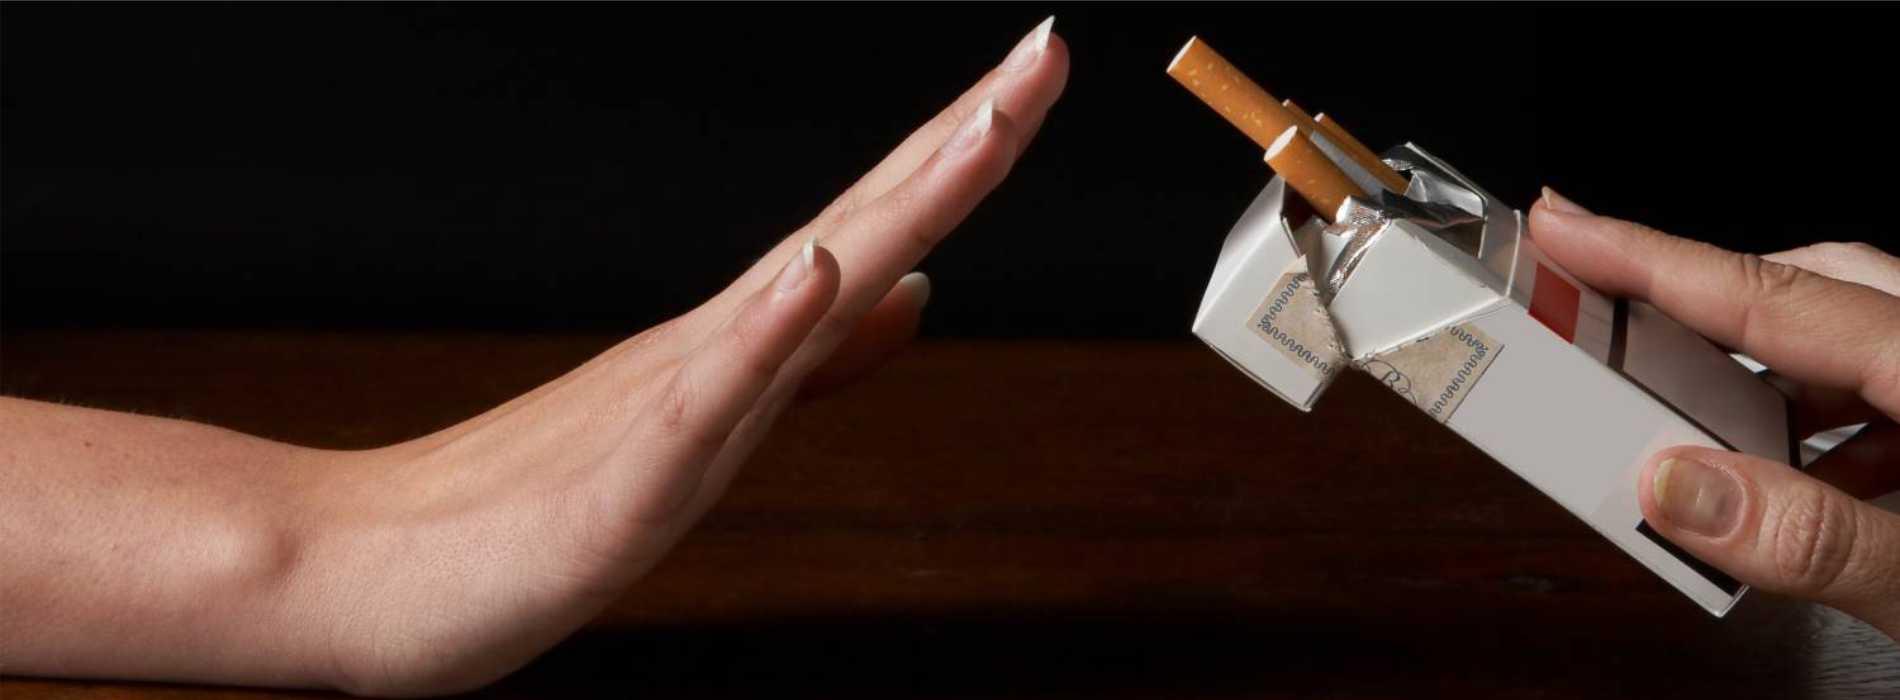 Διακοπή καπνίσματος-Παρίσης-Θεσσαλονίκη